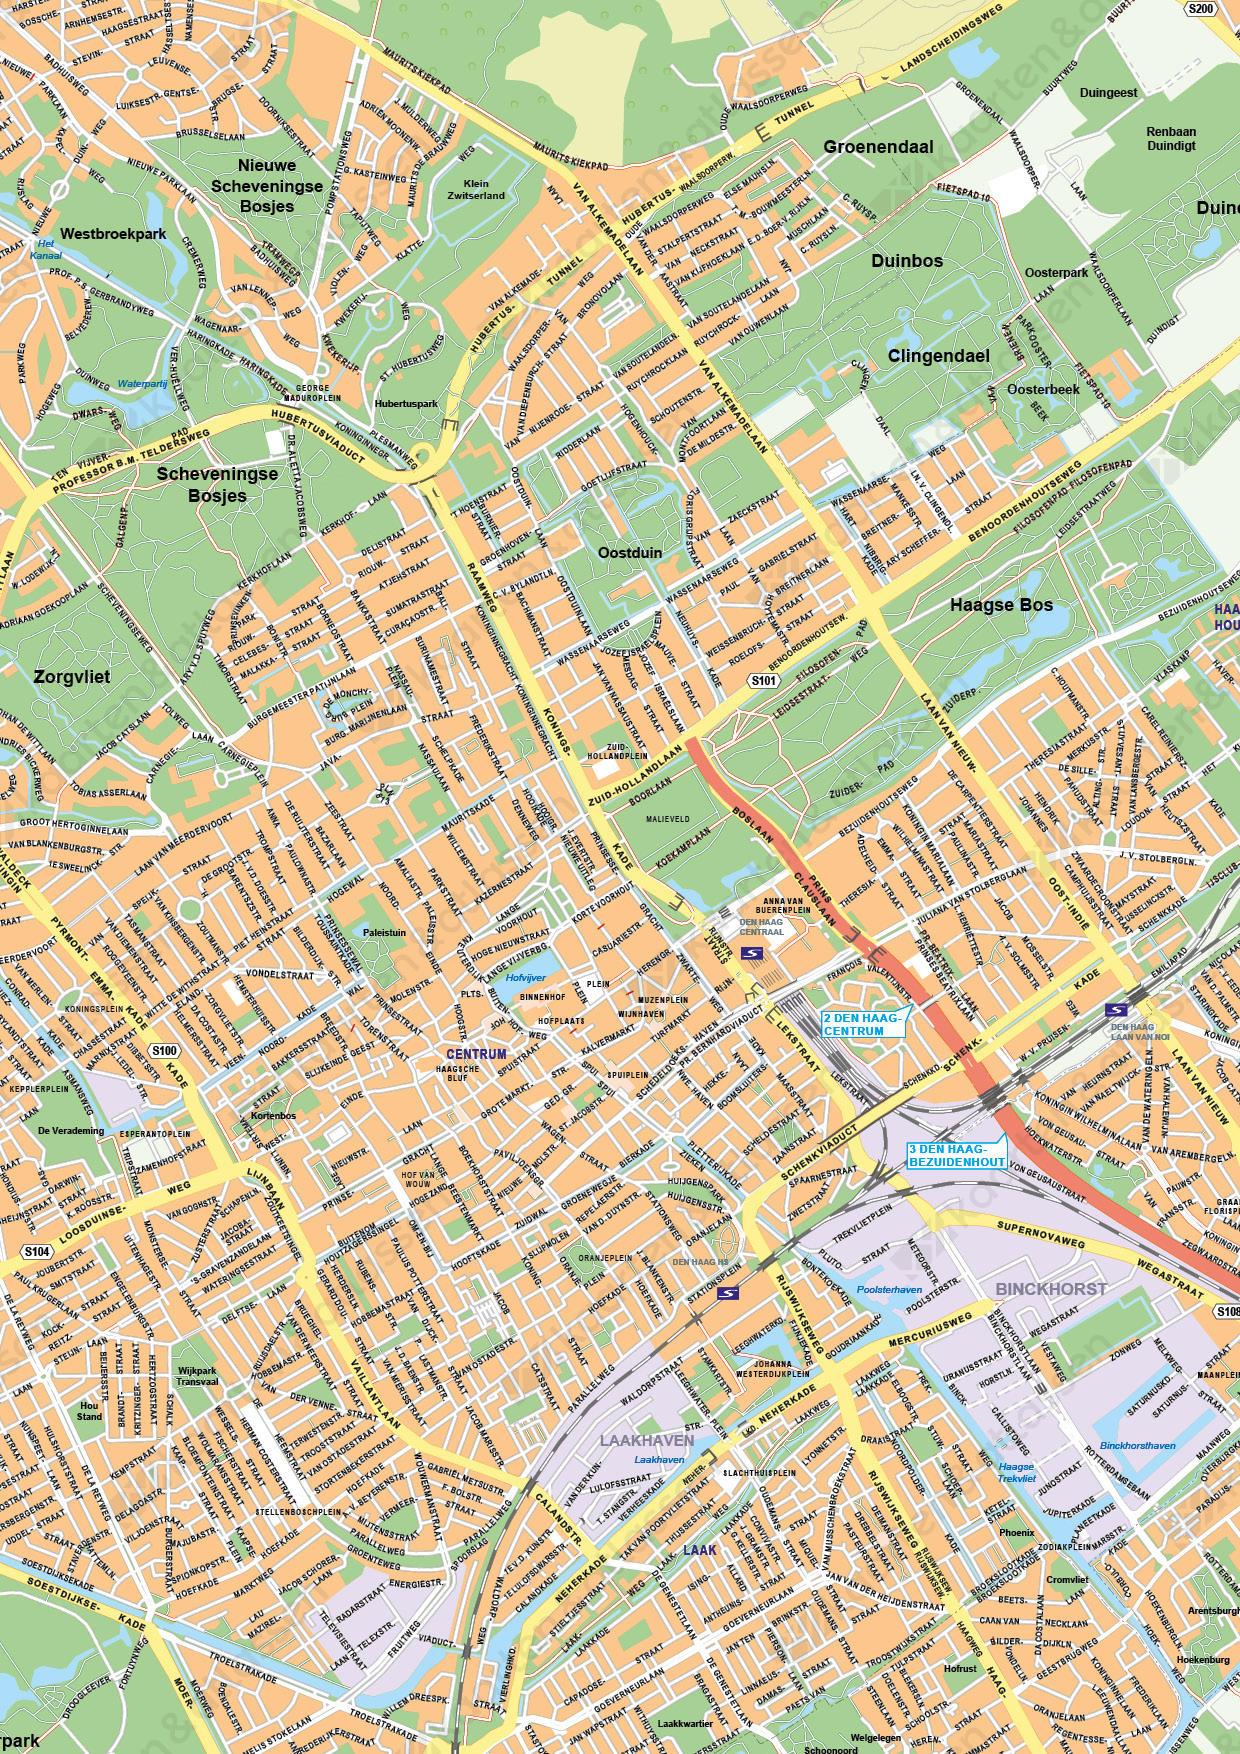 Kaart Den Haag